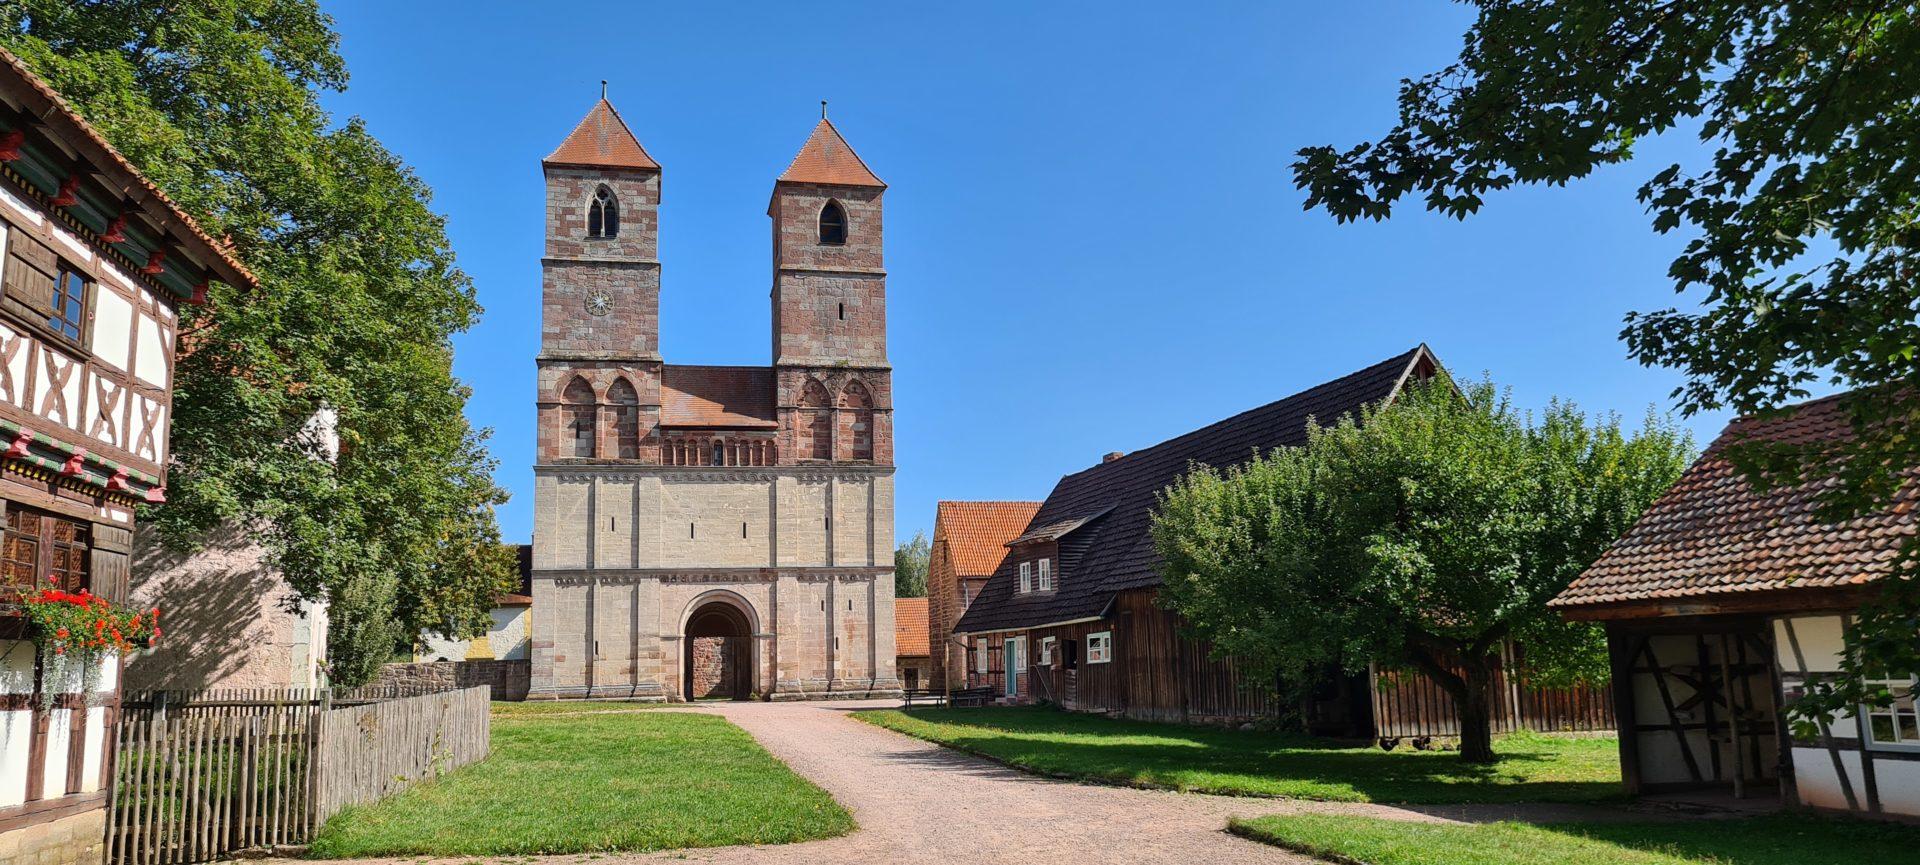 Kloster Veßra © Hennebergisches Museum Kloster Veßra